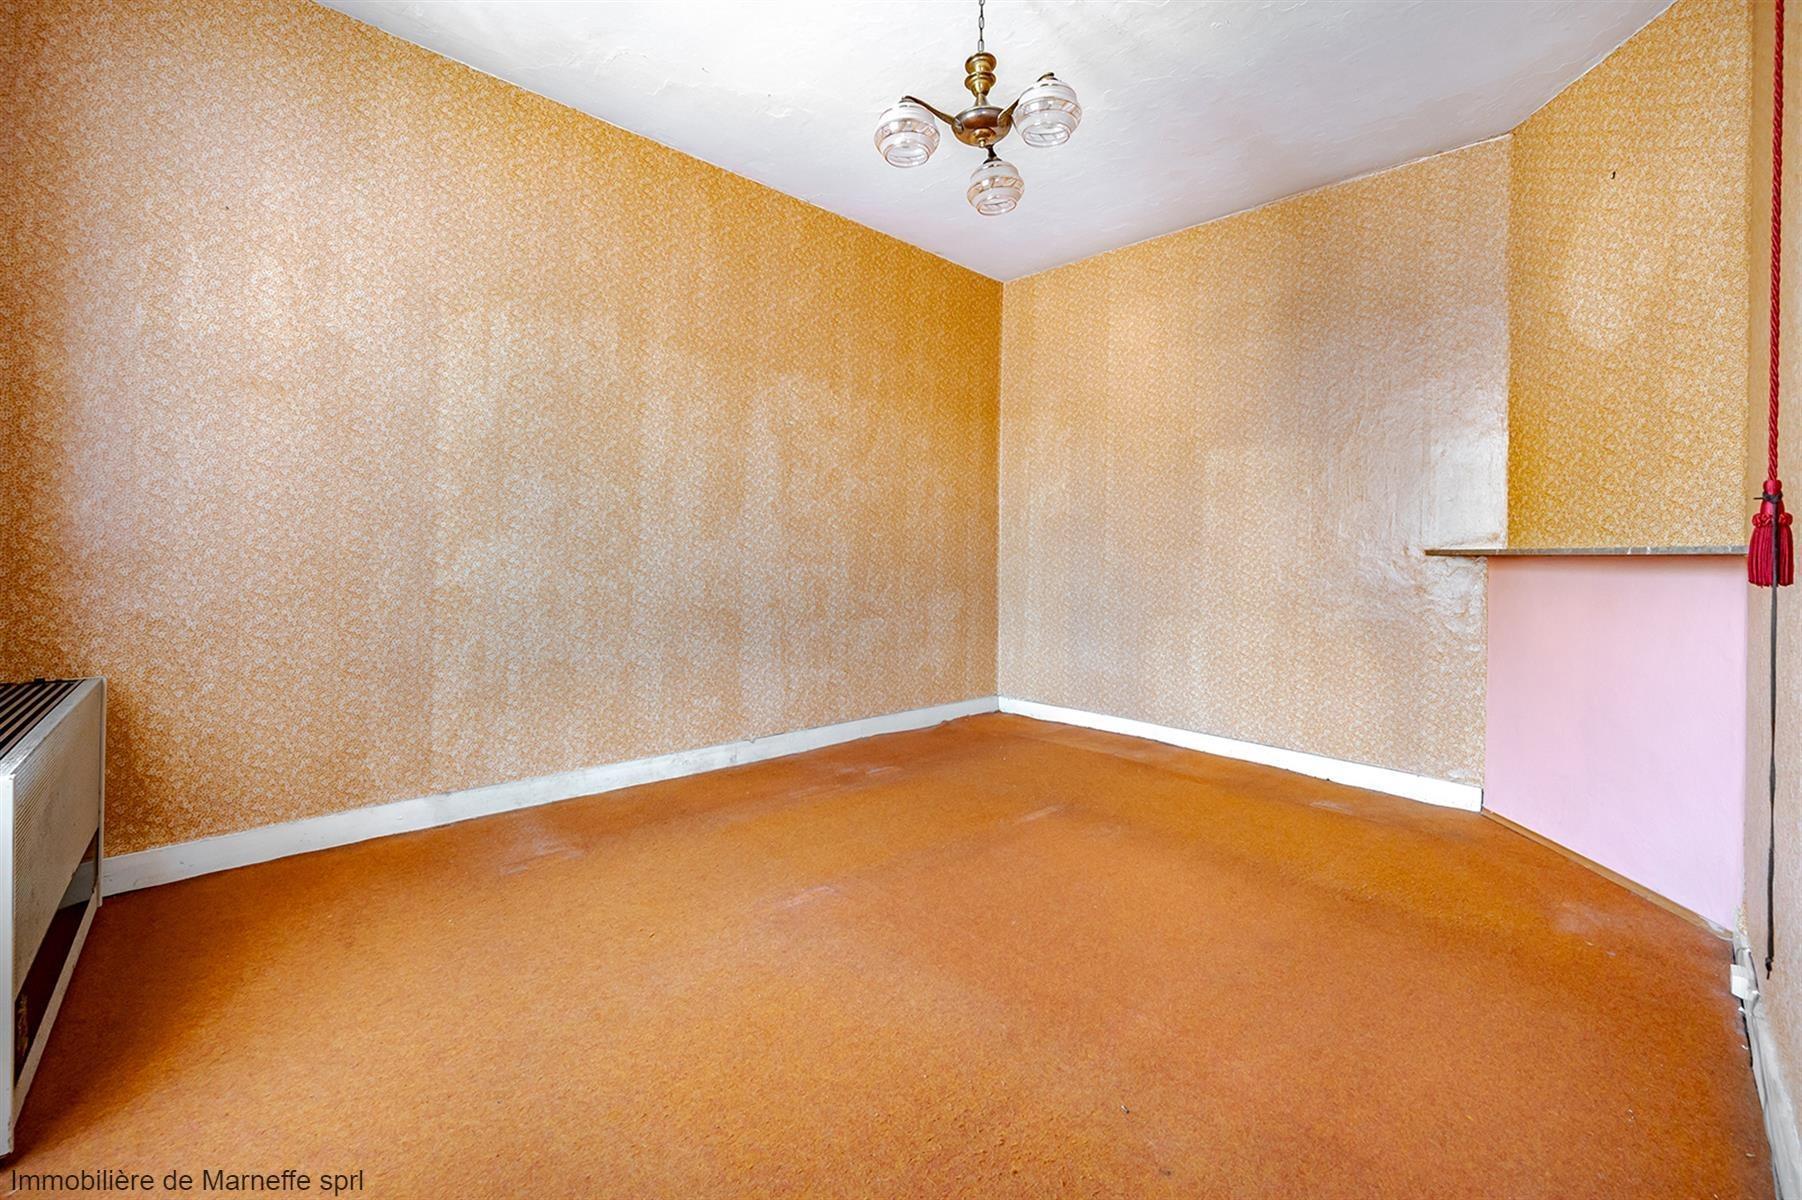 Maison - Liege - #4405271-13